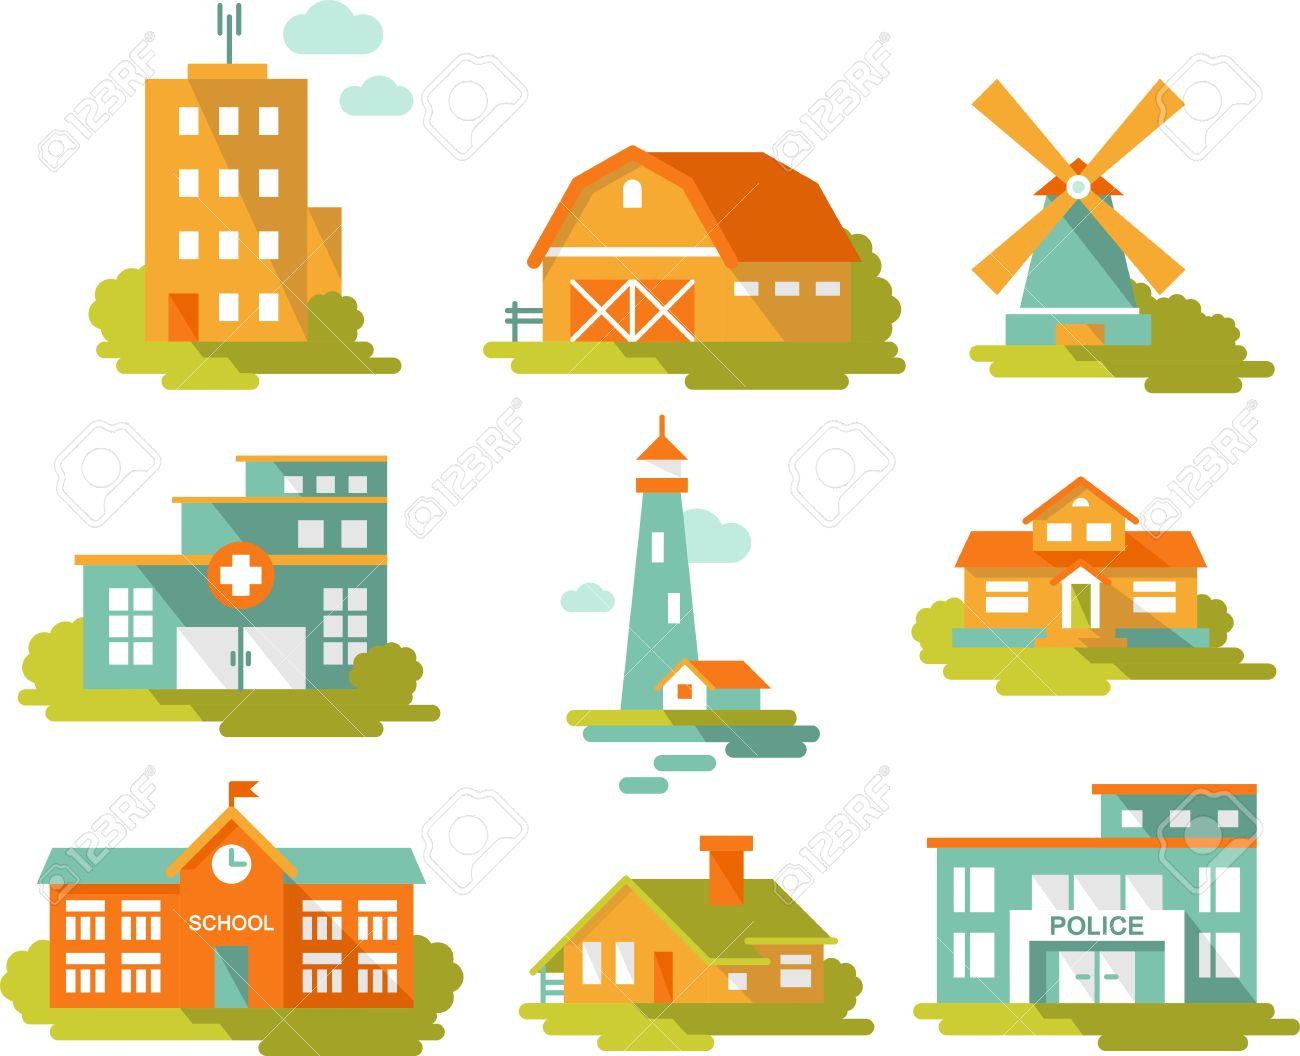 bienes inmuebles y edificios gubernamentales iconos de estilo ... - Bienes Inmuebles Dibujos